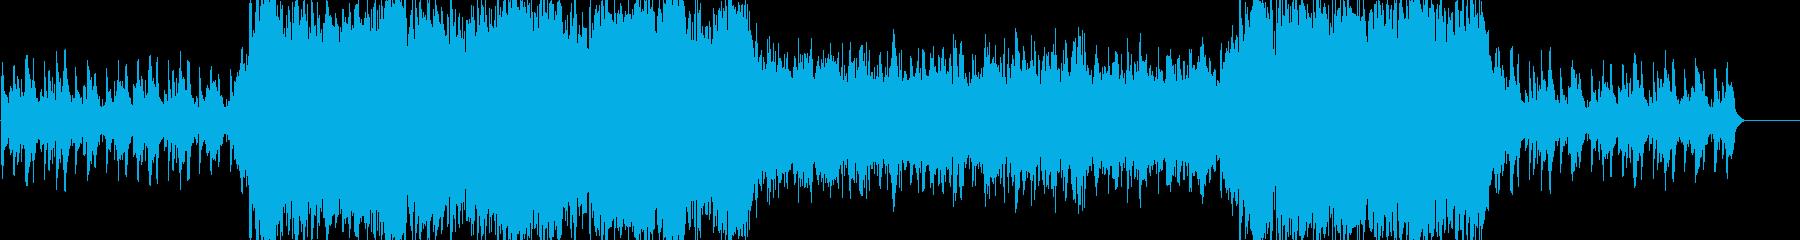 シンセサイザーの不思議な感じな曲の再生済みの波形